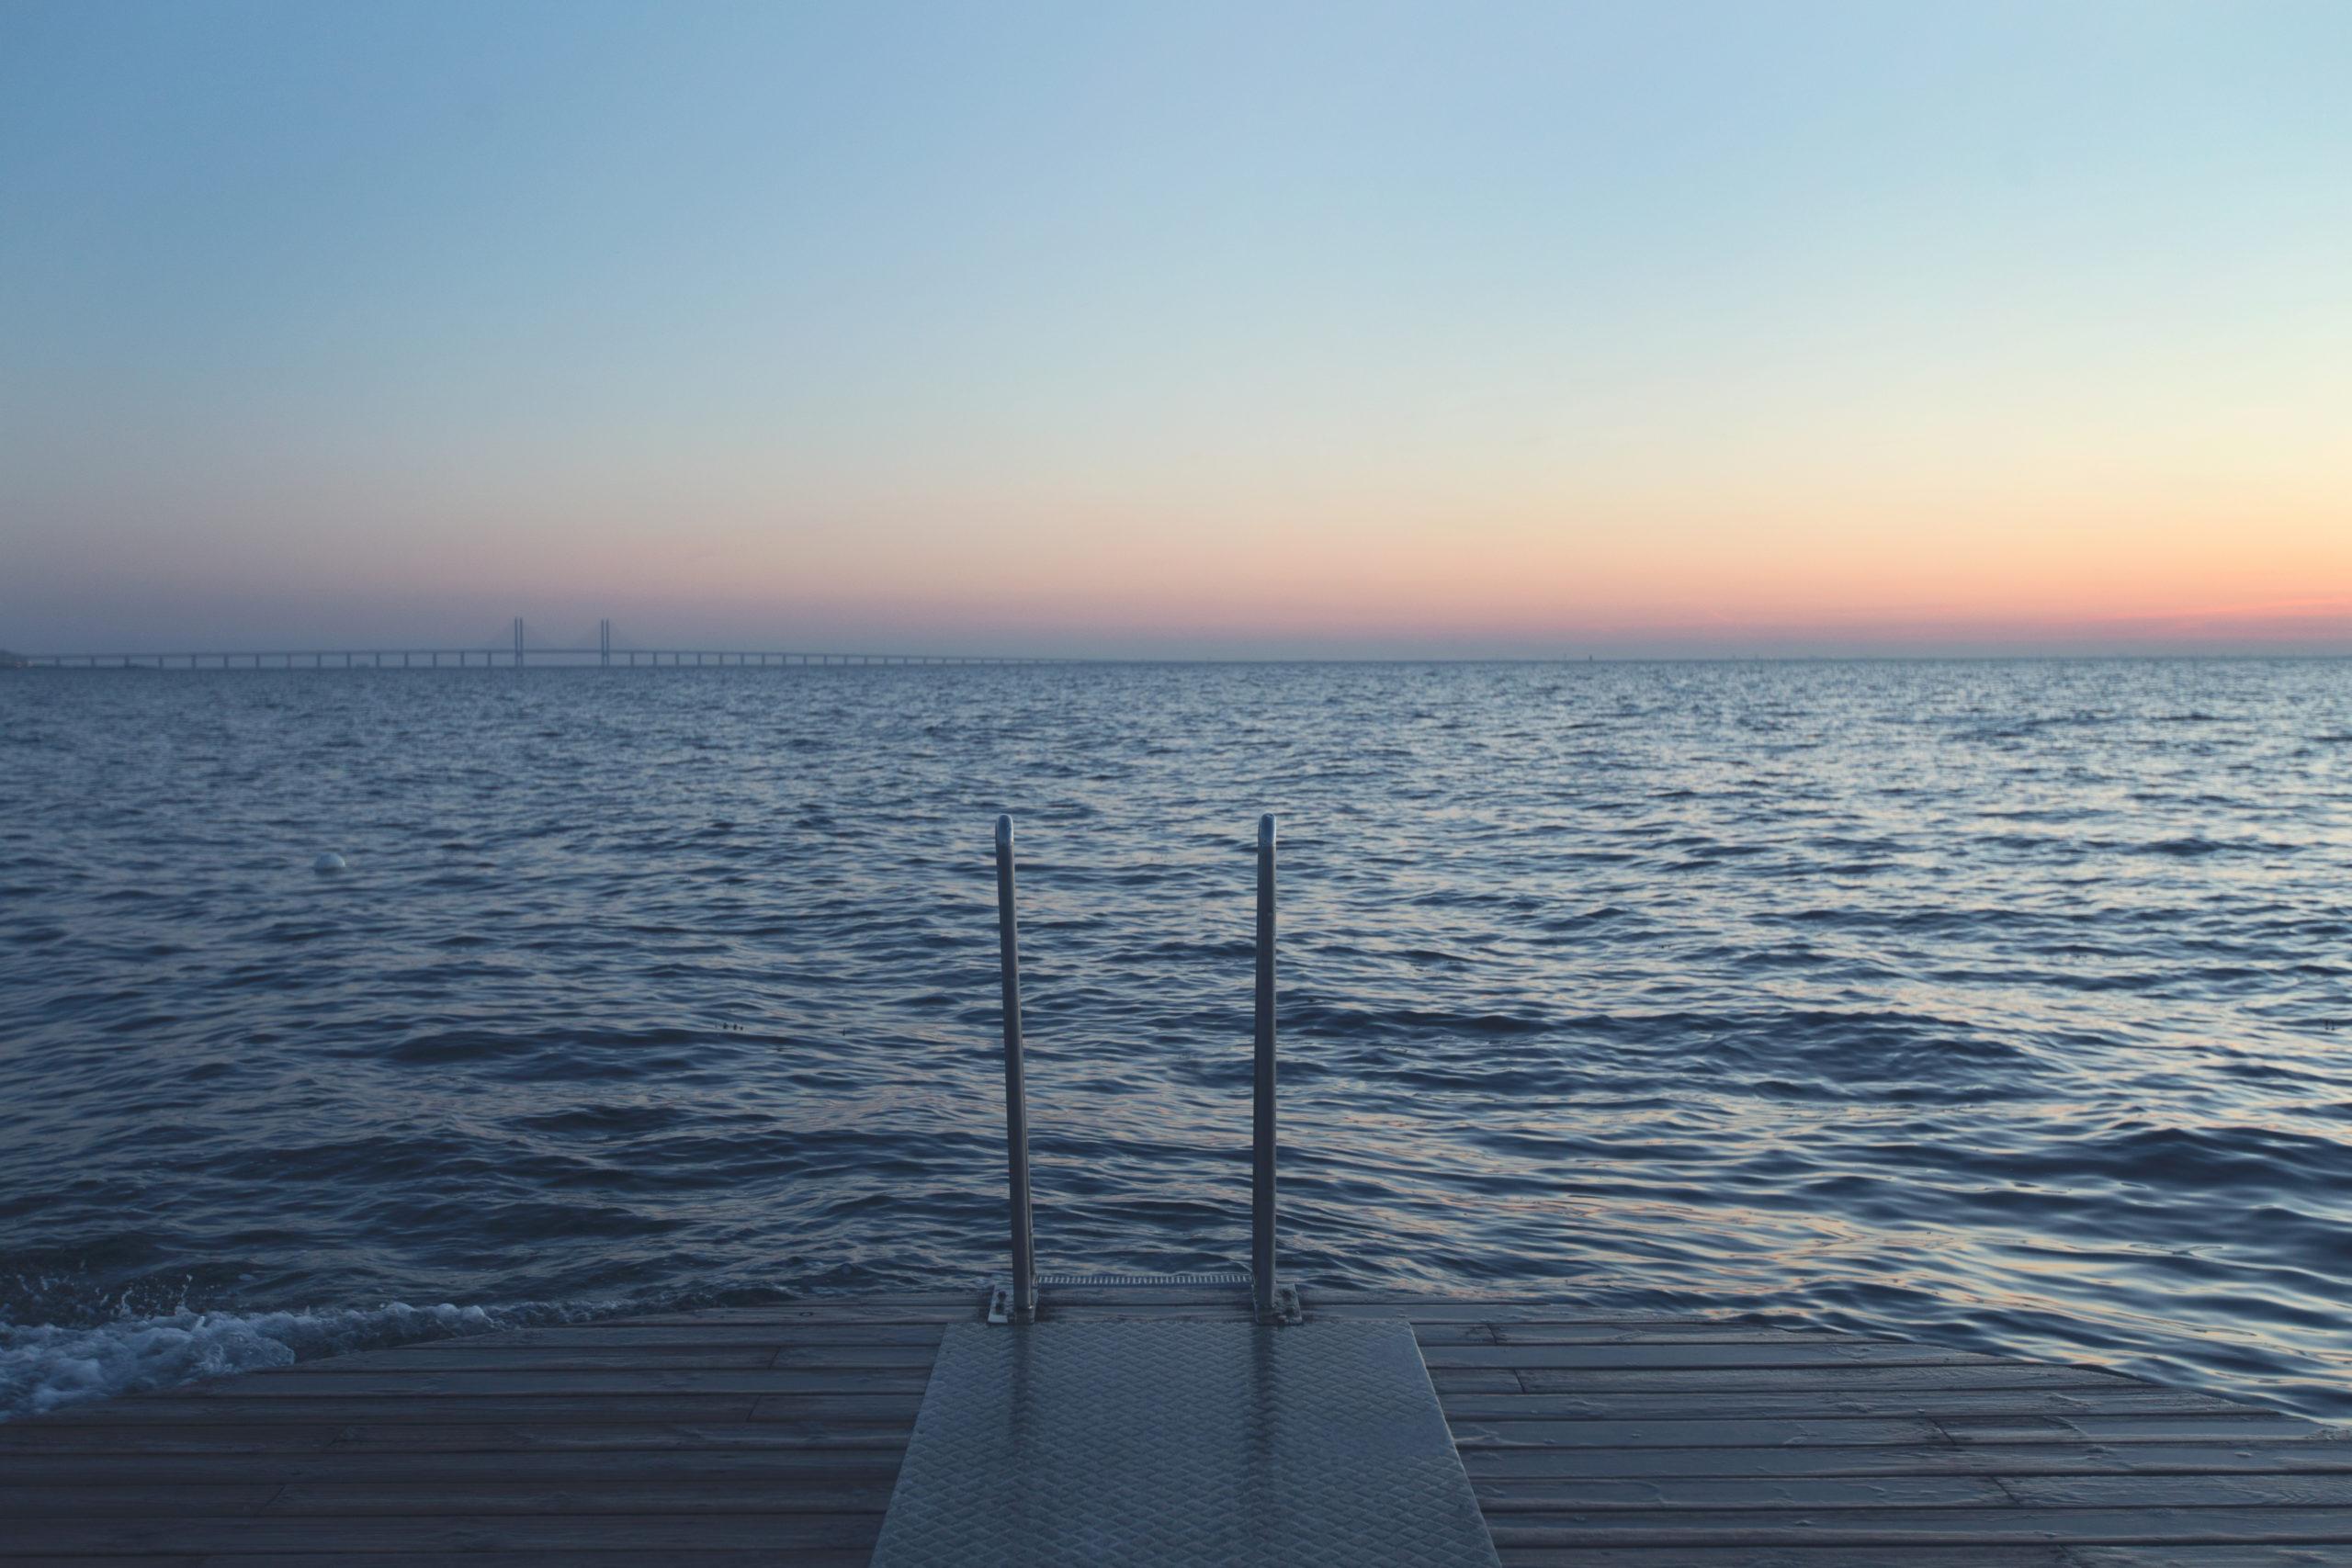 ocean view in sweden